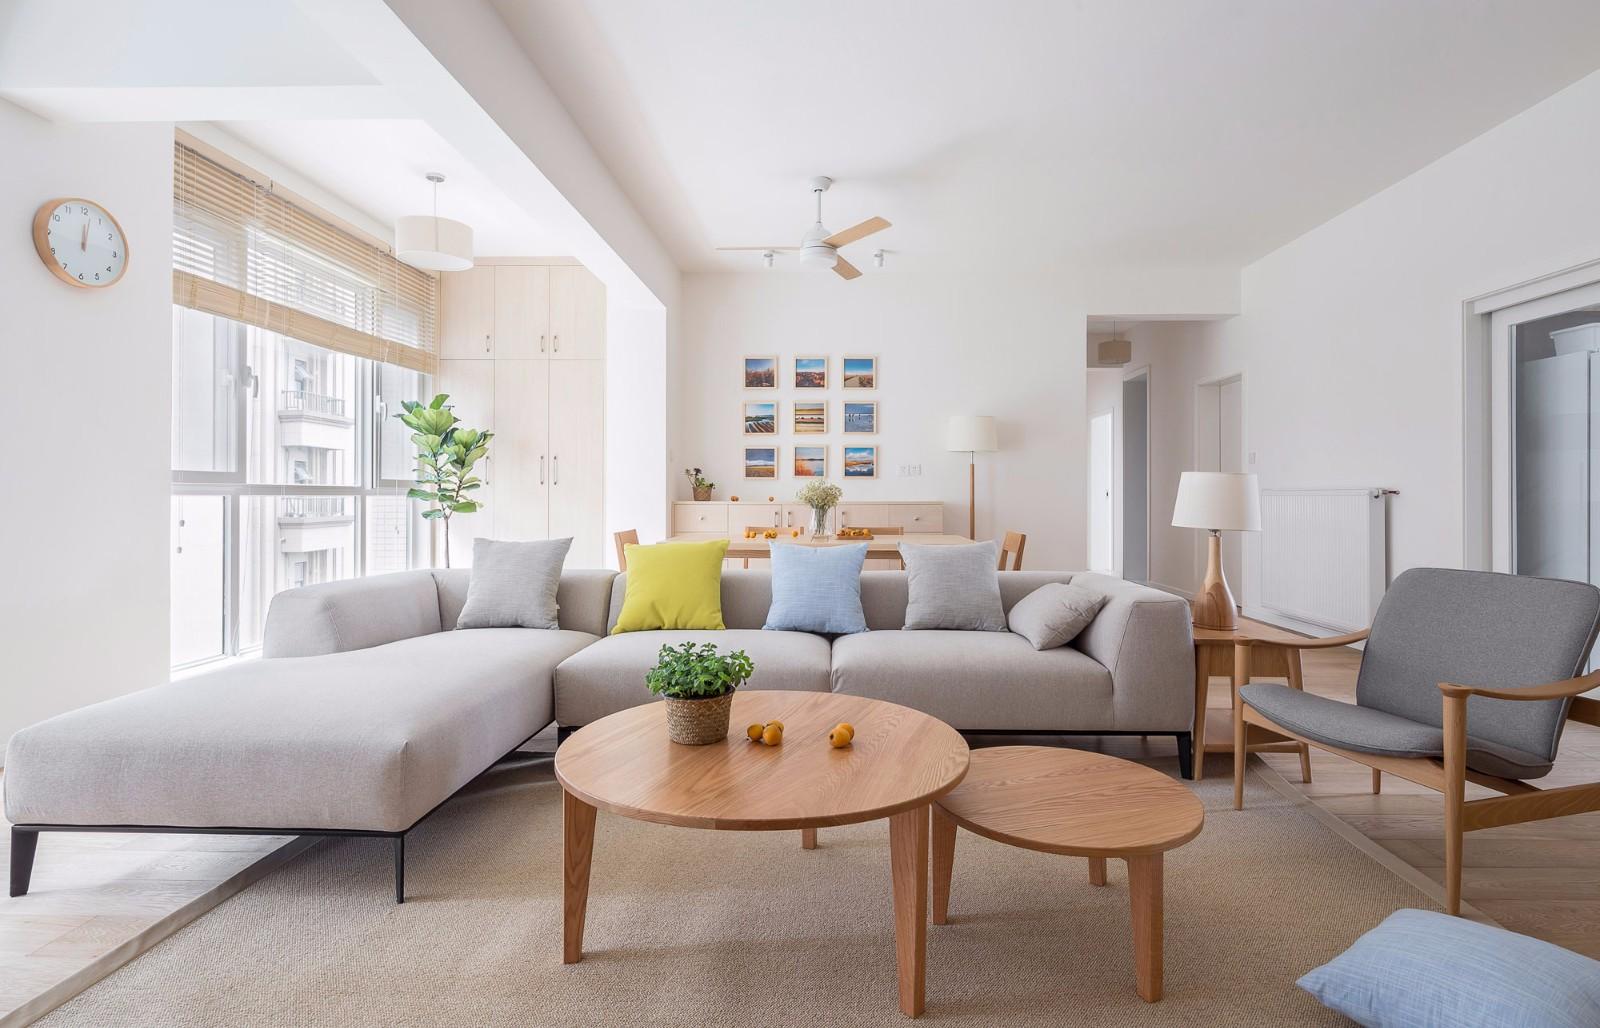 2020日式客厅装修设计 2020日式茶几效果图